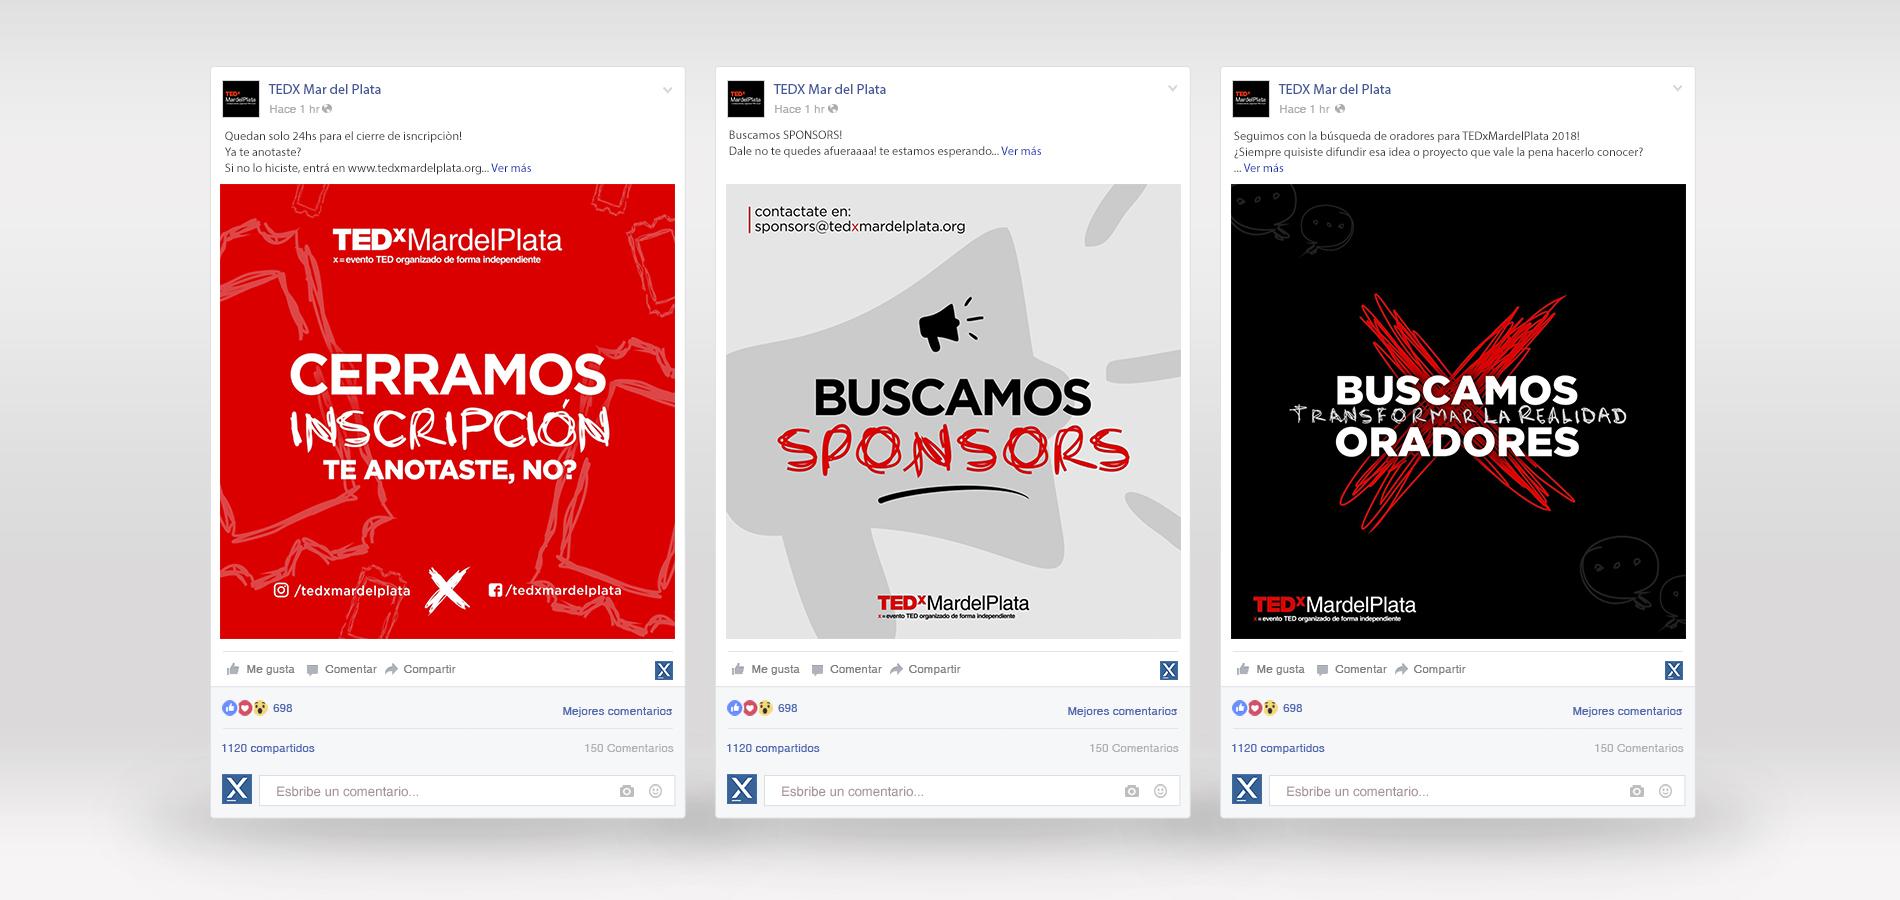 TEDX Mar del Plata